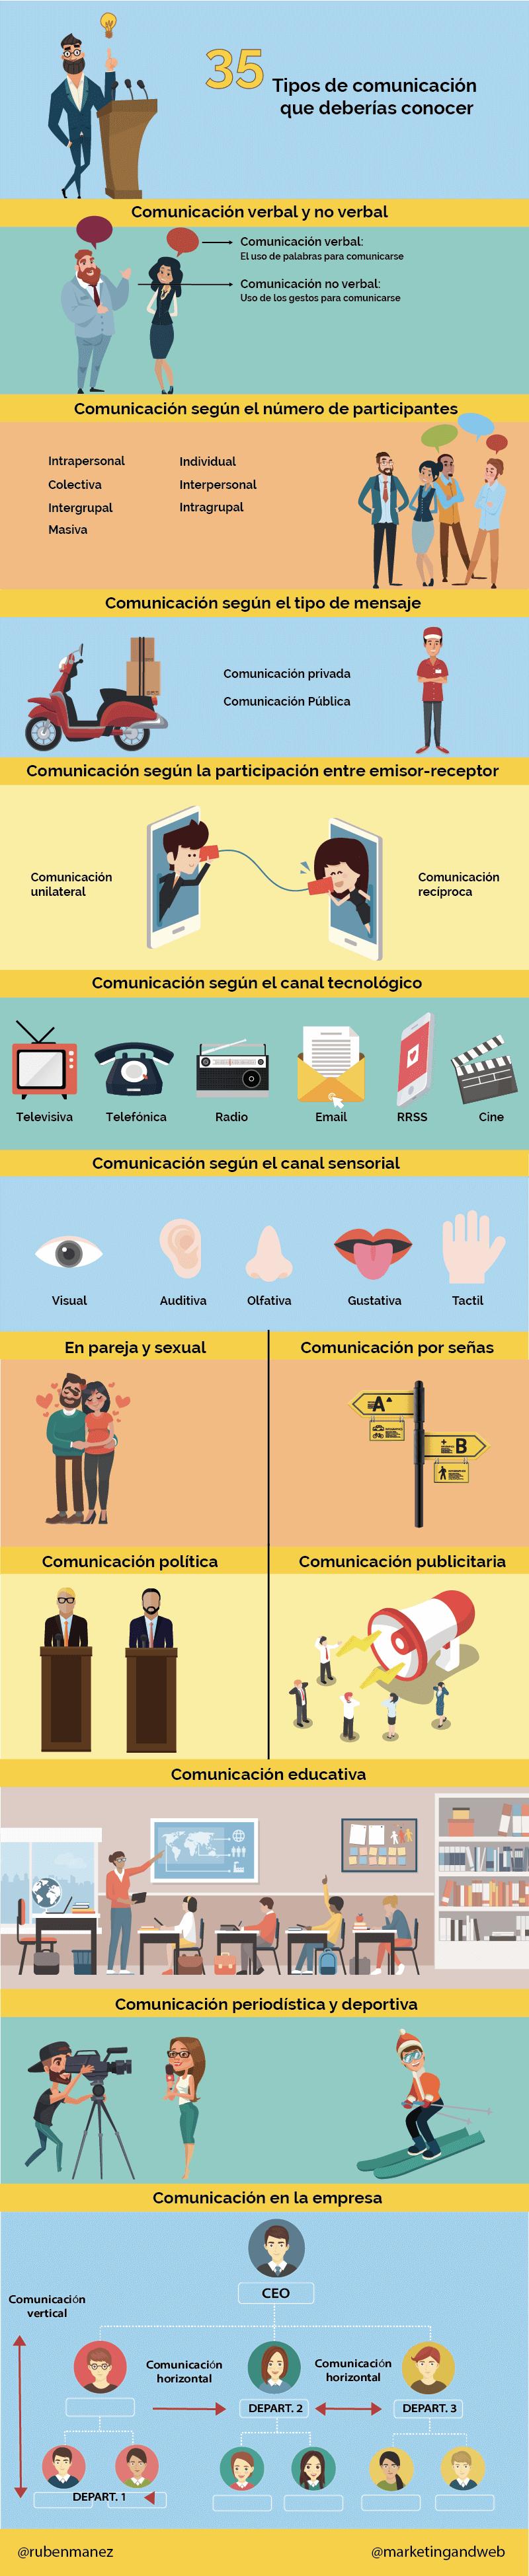 35 Tipos De Comunicación Y Sus Características Ejemplos